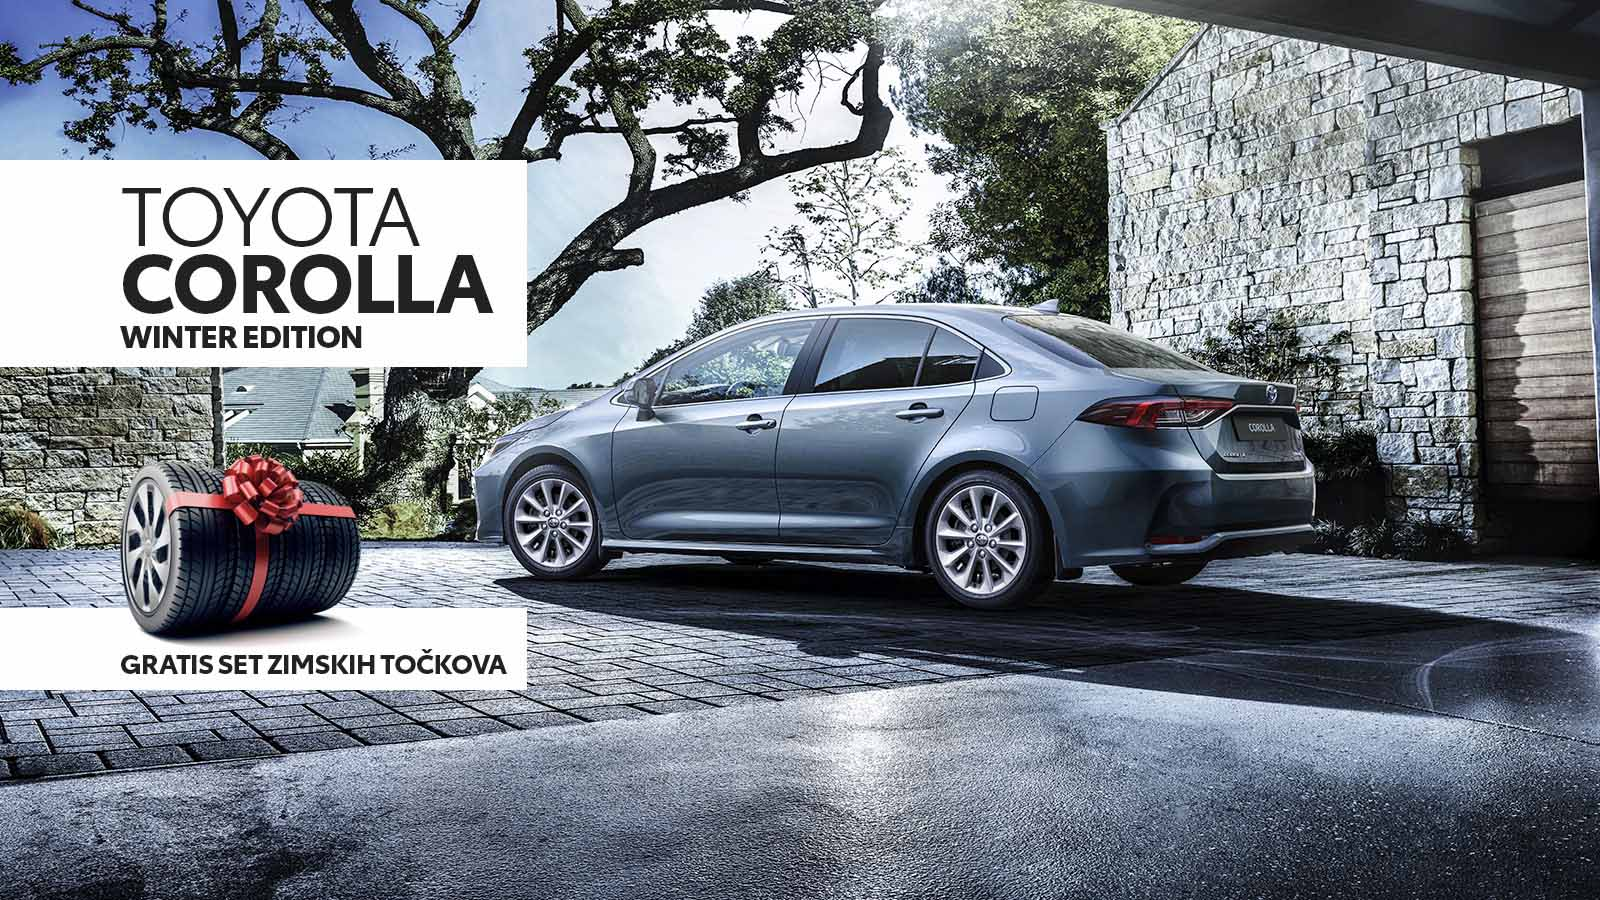 Toyota U Crnoj Gori Saznajte Sve O Toyota Modelima